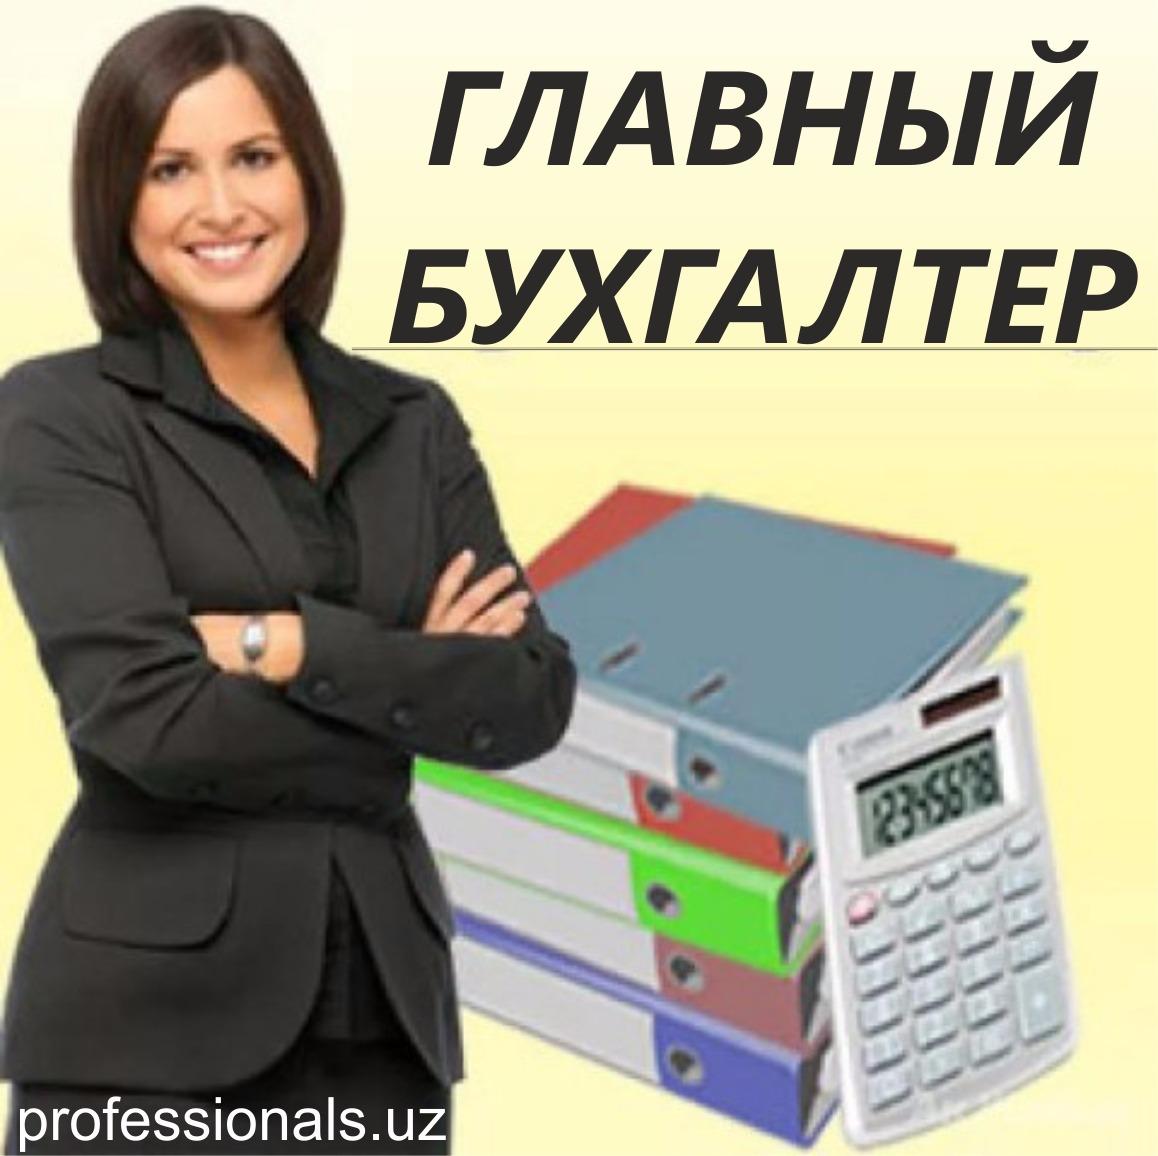 Вакансии главного бухгалтера в культуре города москвы стоимость бухгалтерских услуг в киеве